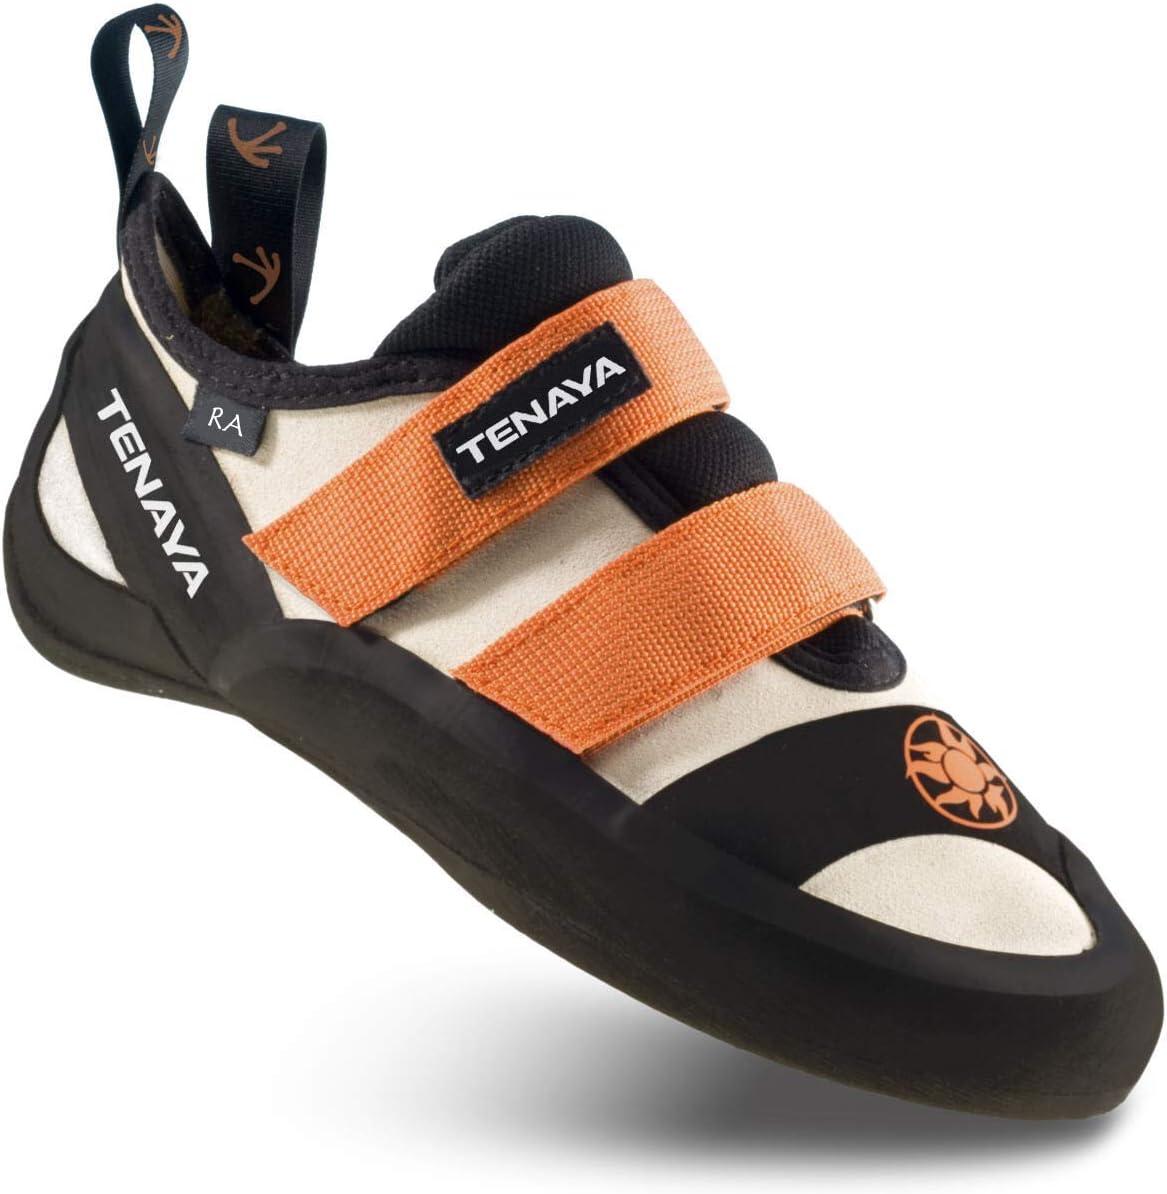 Tenaya Zapatillas de Escalada RA Zapatillas de Escalada